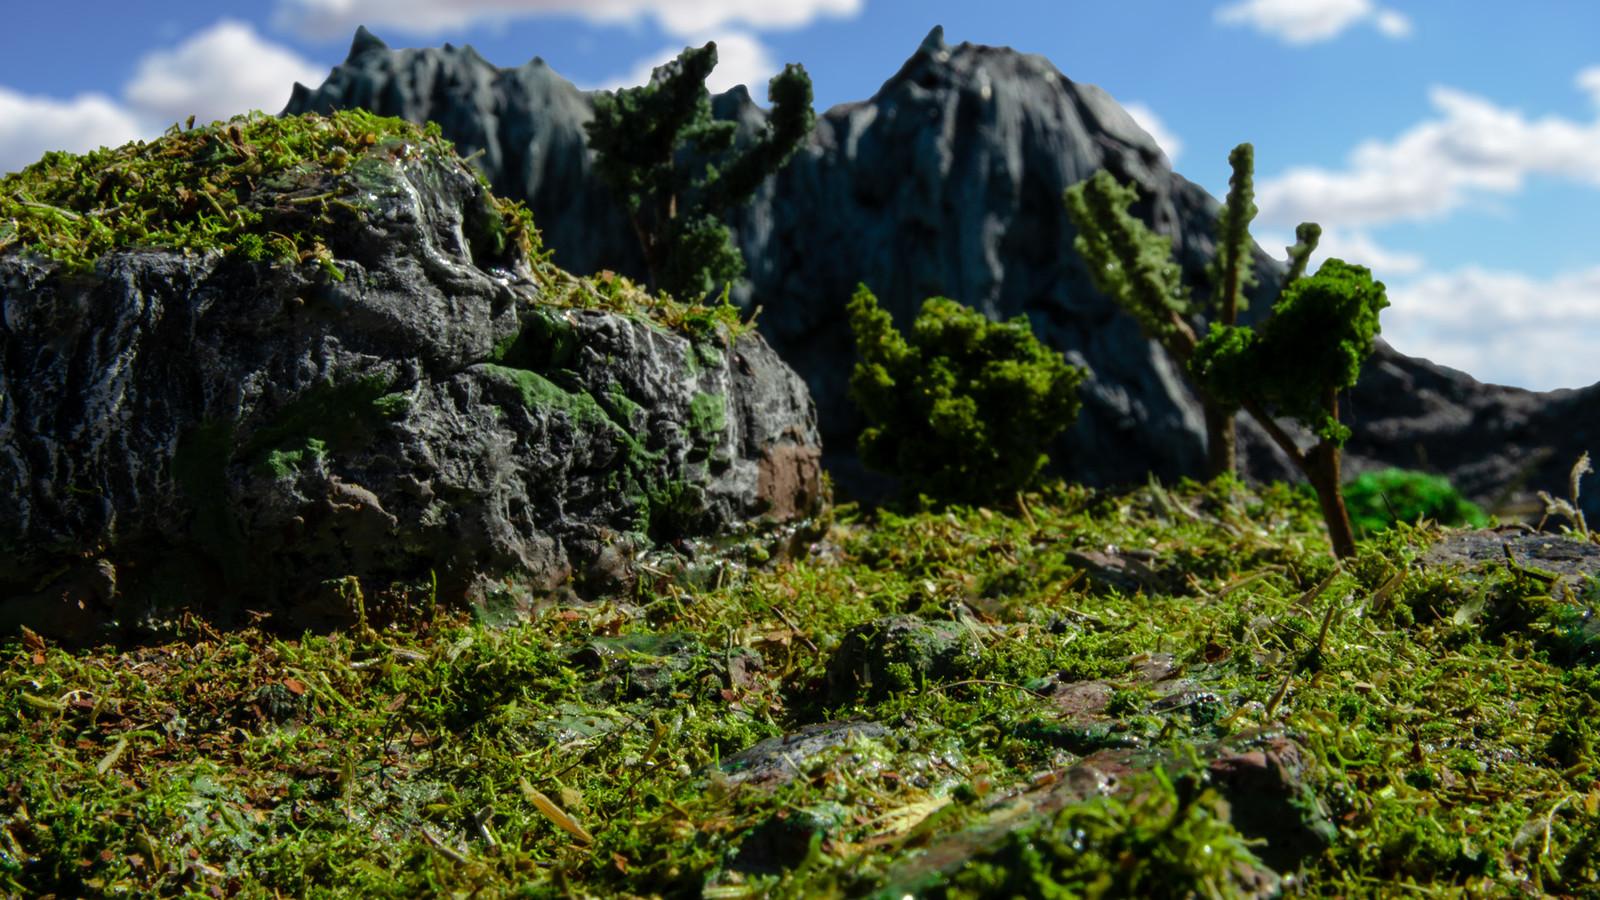 The Grasslands